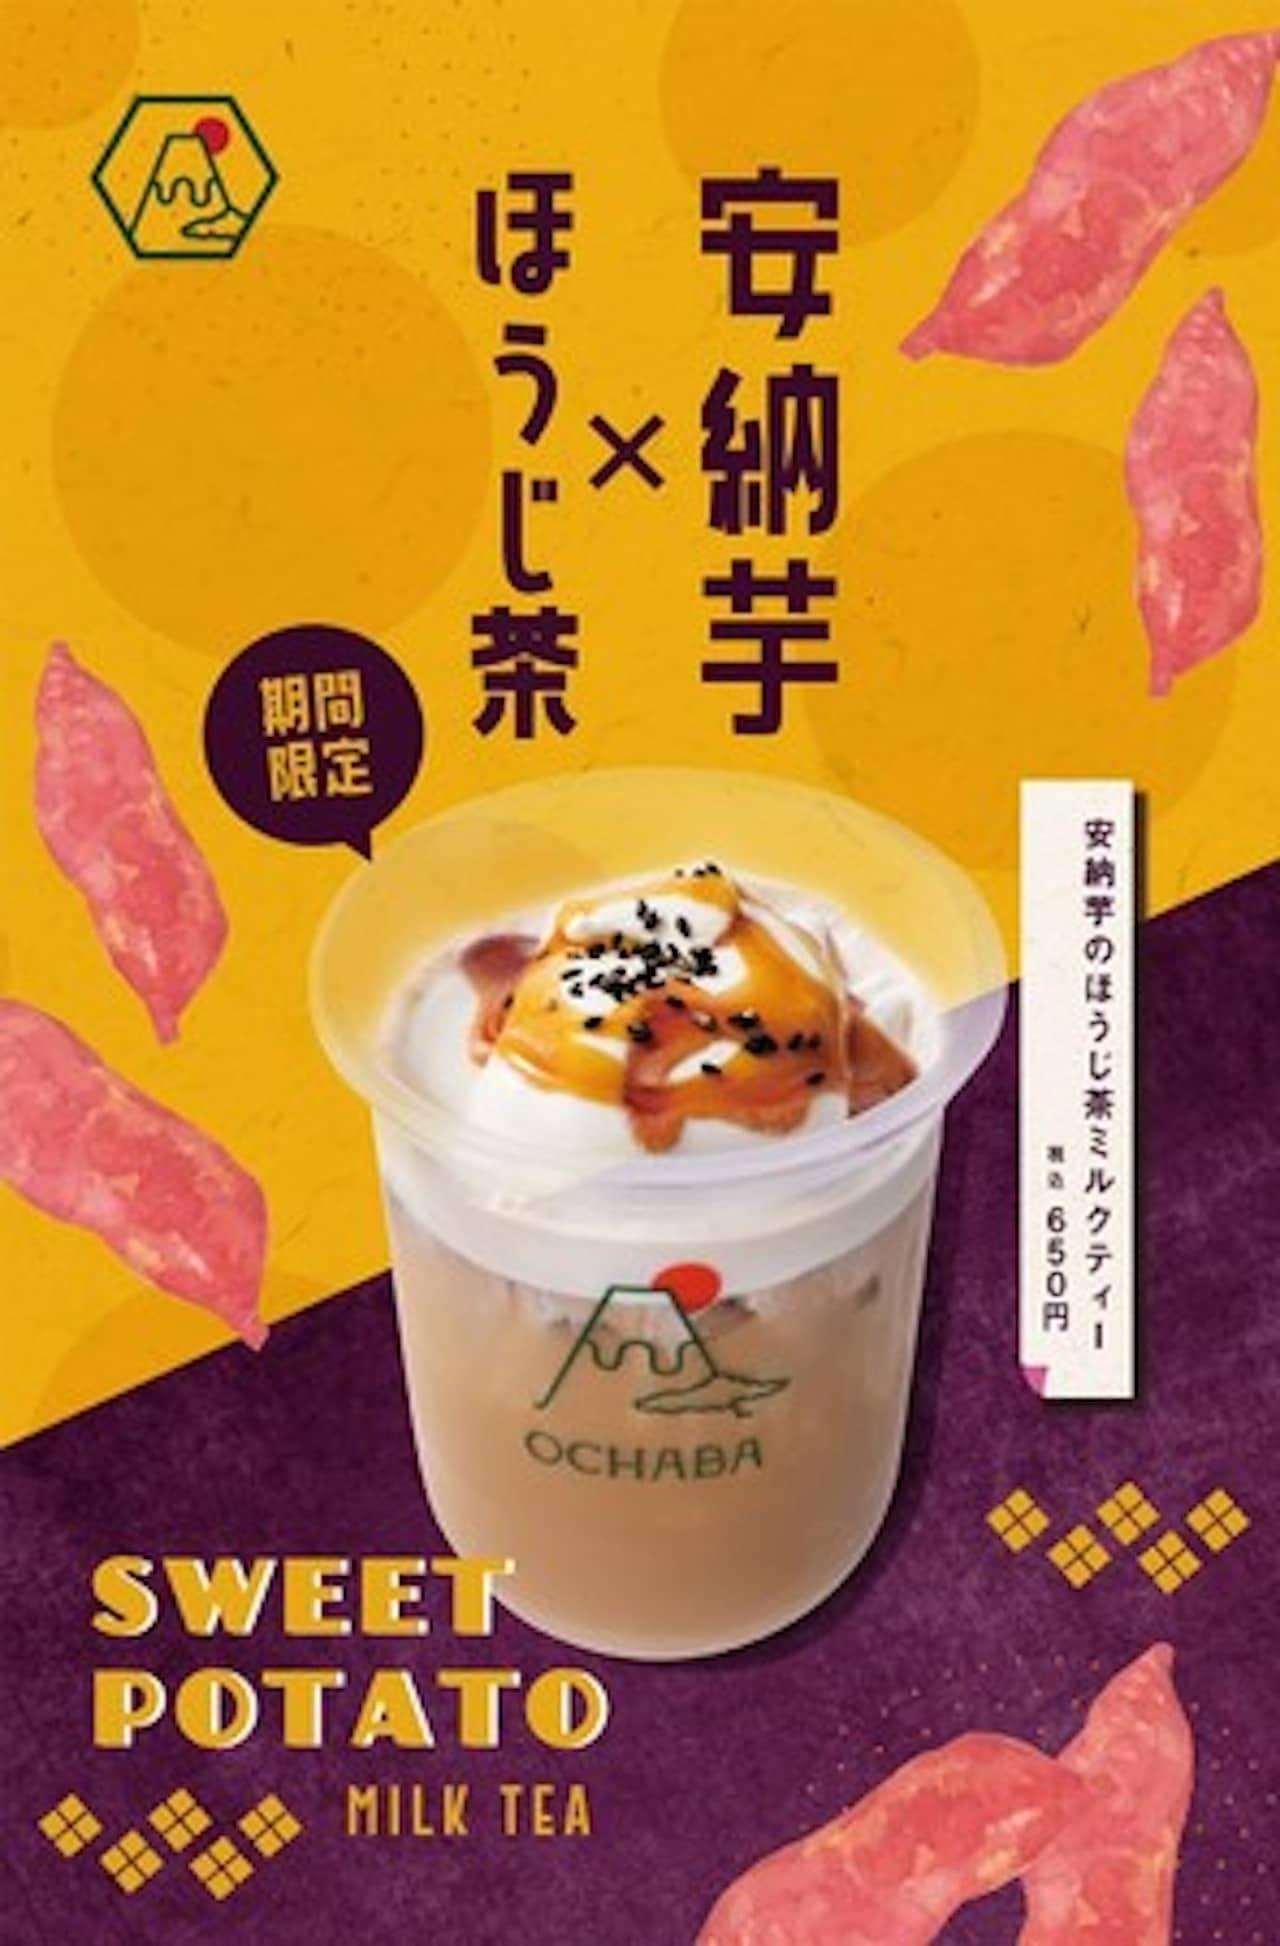 新宿OCHABA「安納芋のほうじ茶ロイヤルミルクティー」季節限定で